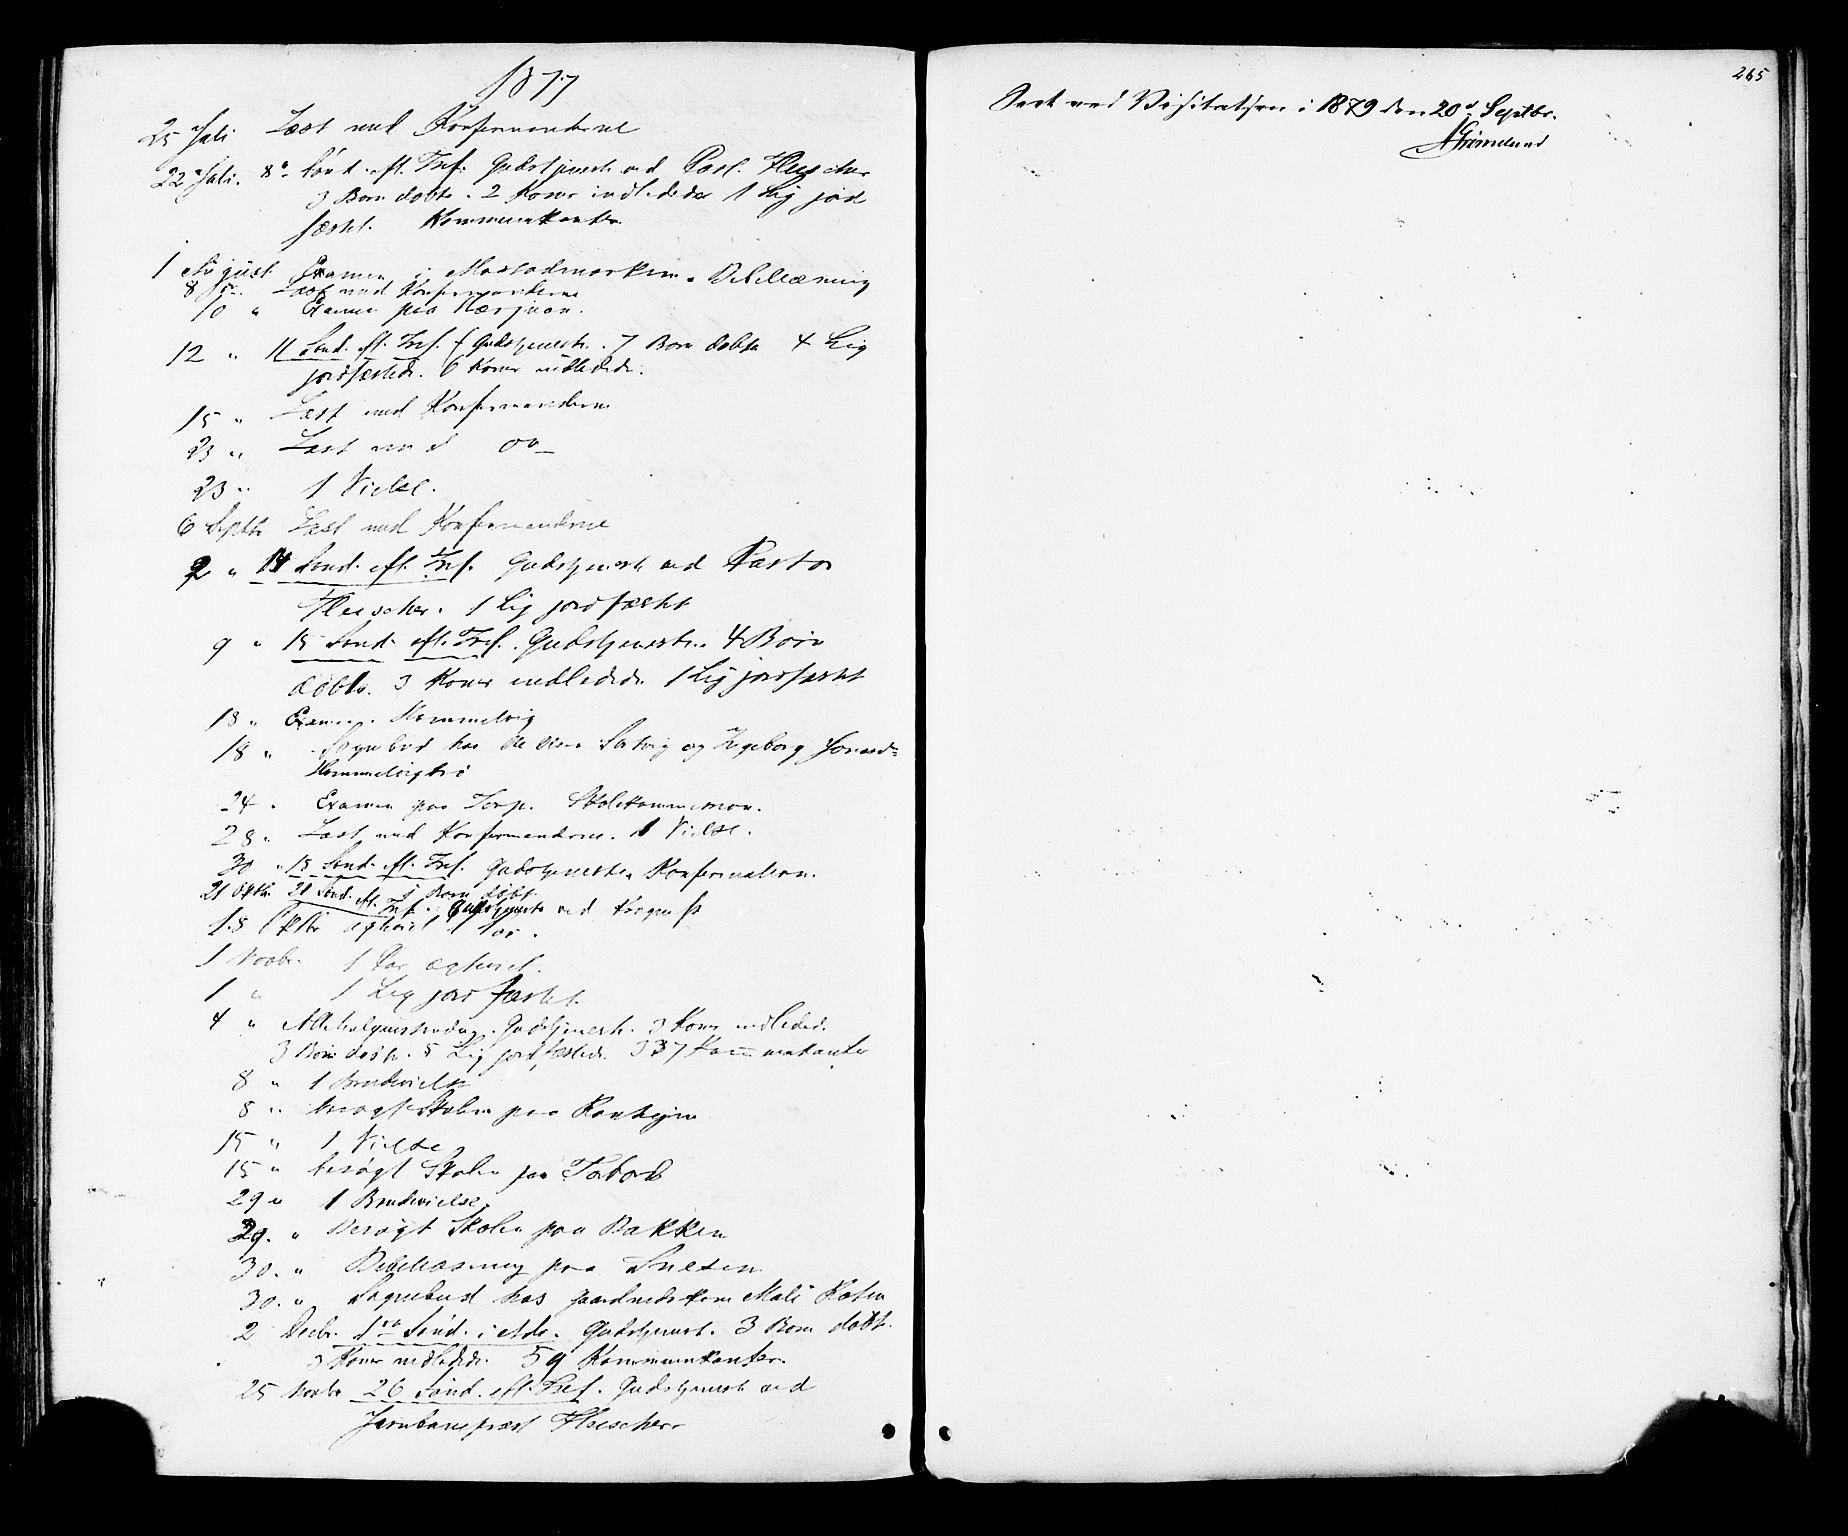 SAT, Ministerialprotokoller, klokkerbøker og fødselsregistre - Sør-Trøndelag, 616/L0409: Ministerialbok nr. 616A06, 1865-1877, s. 265